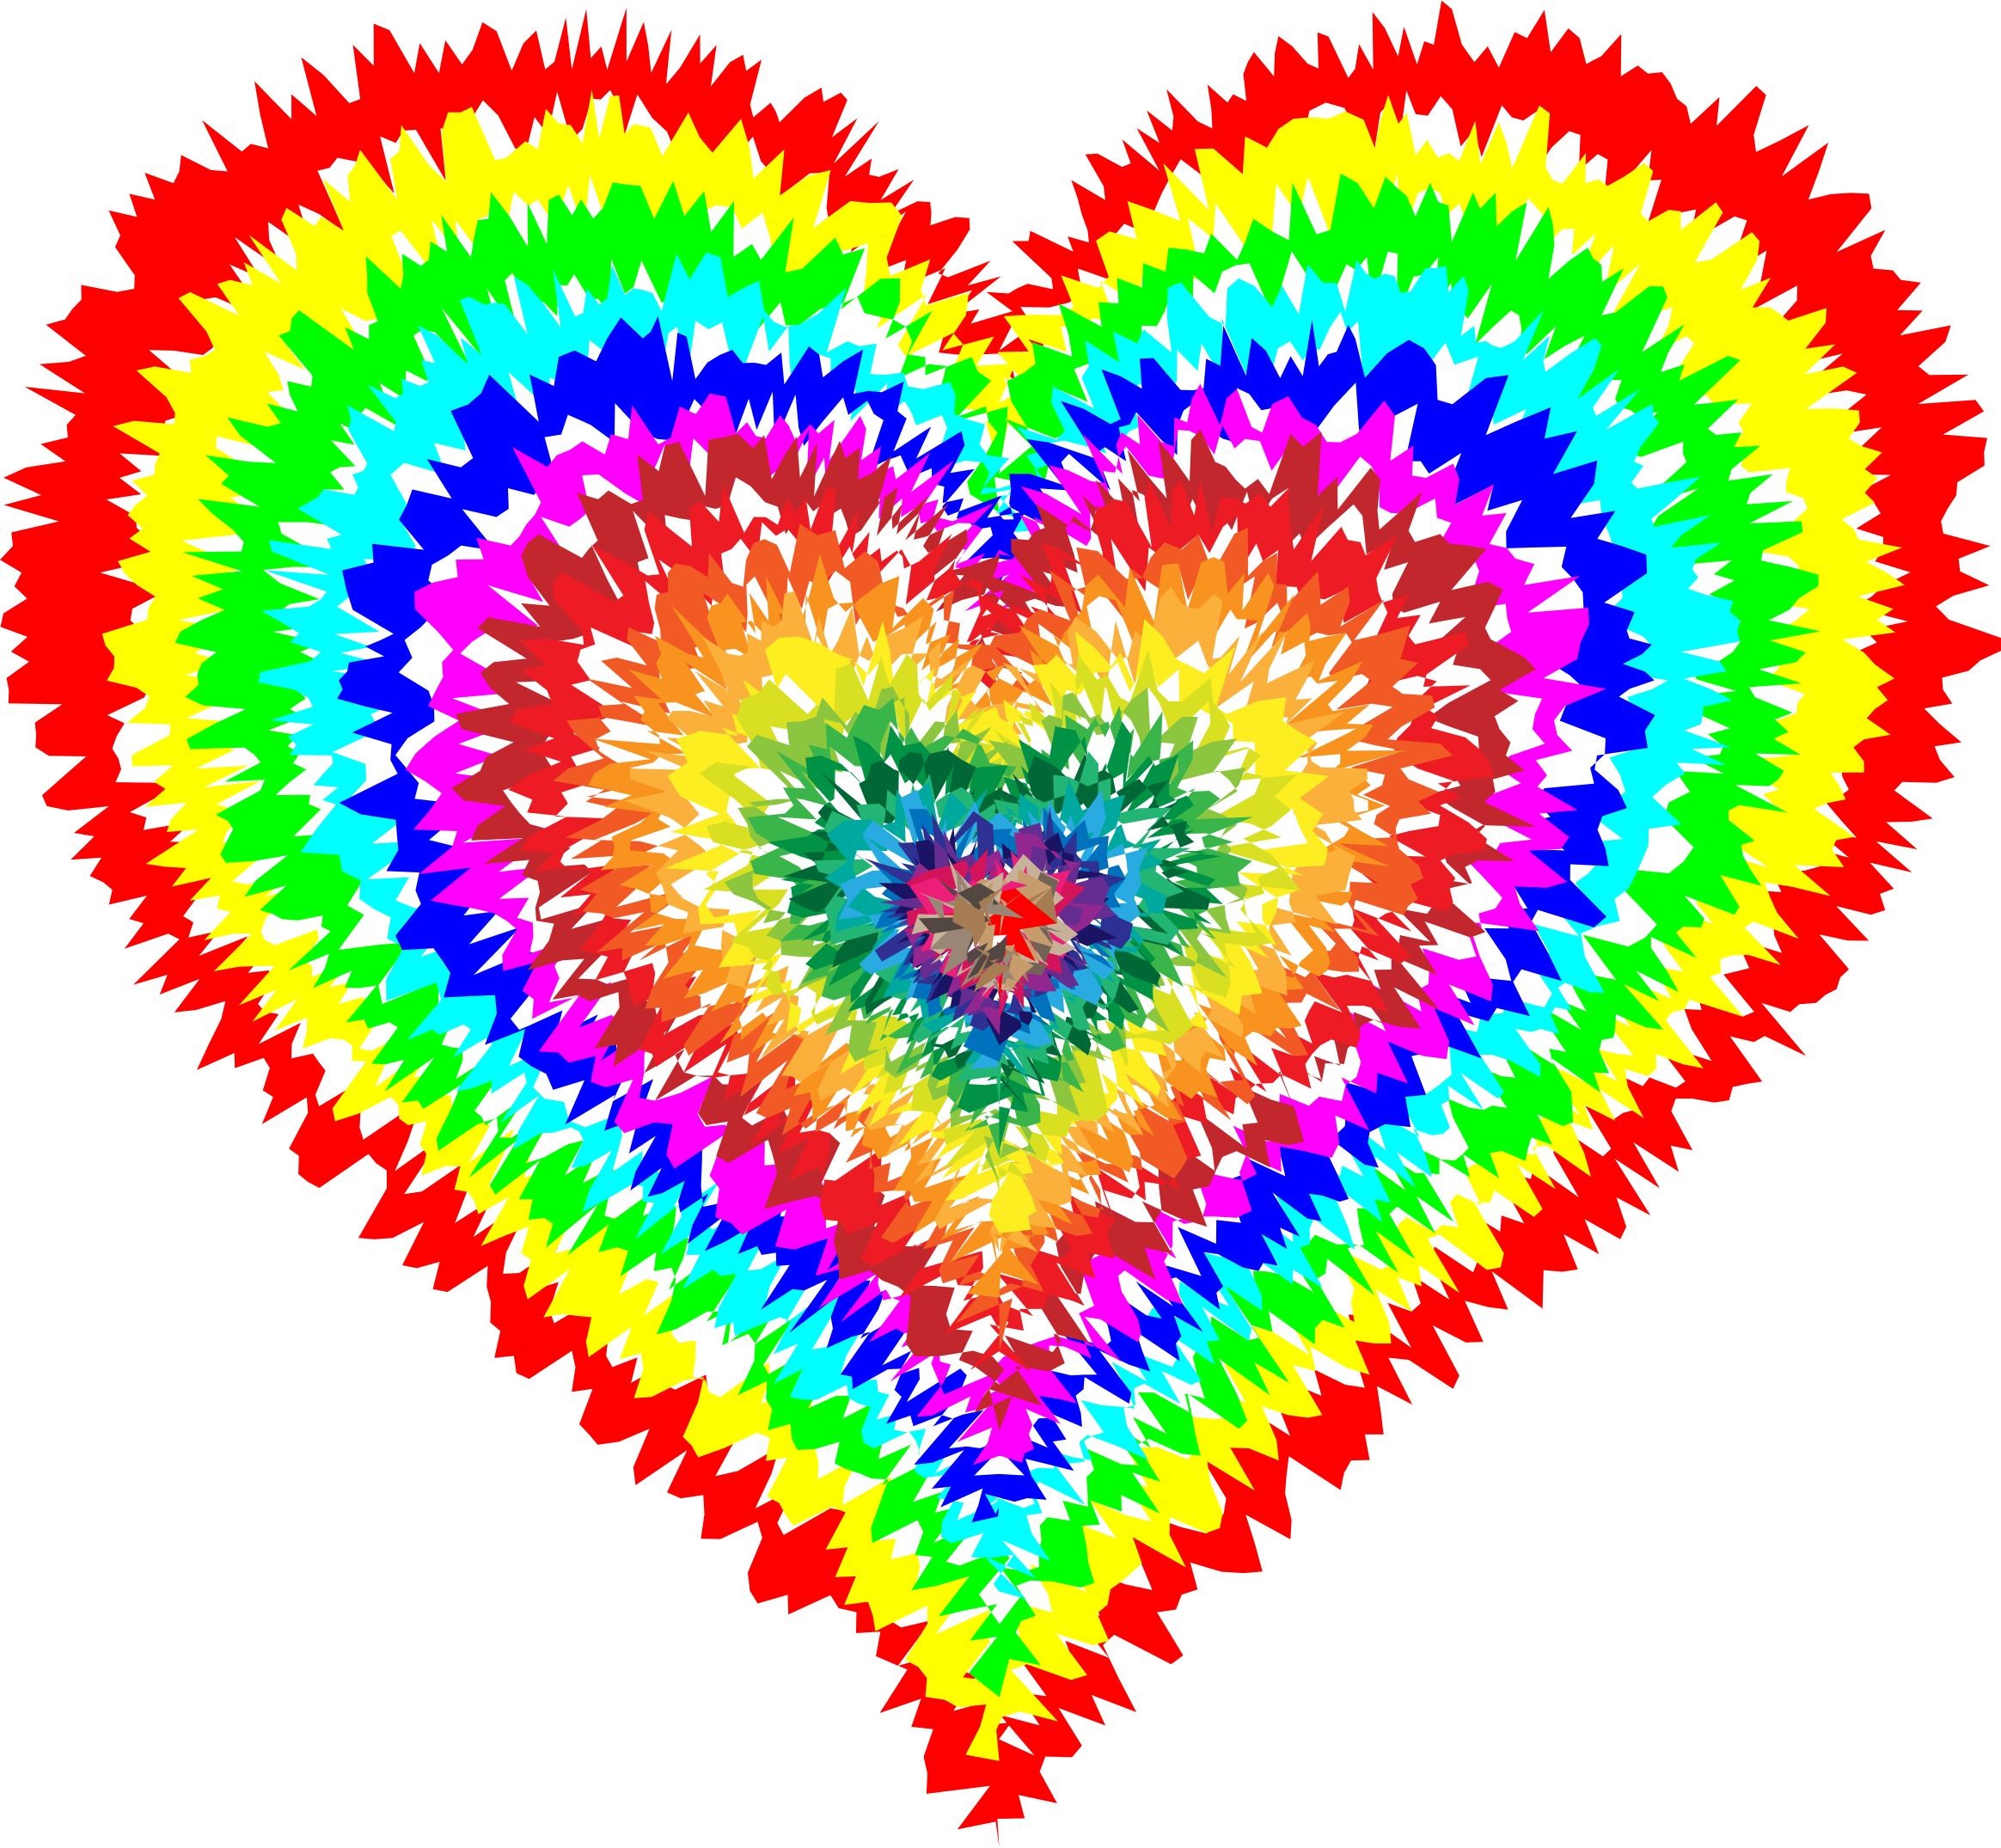 Tie Dye Heart By Gdj